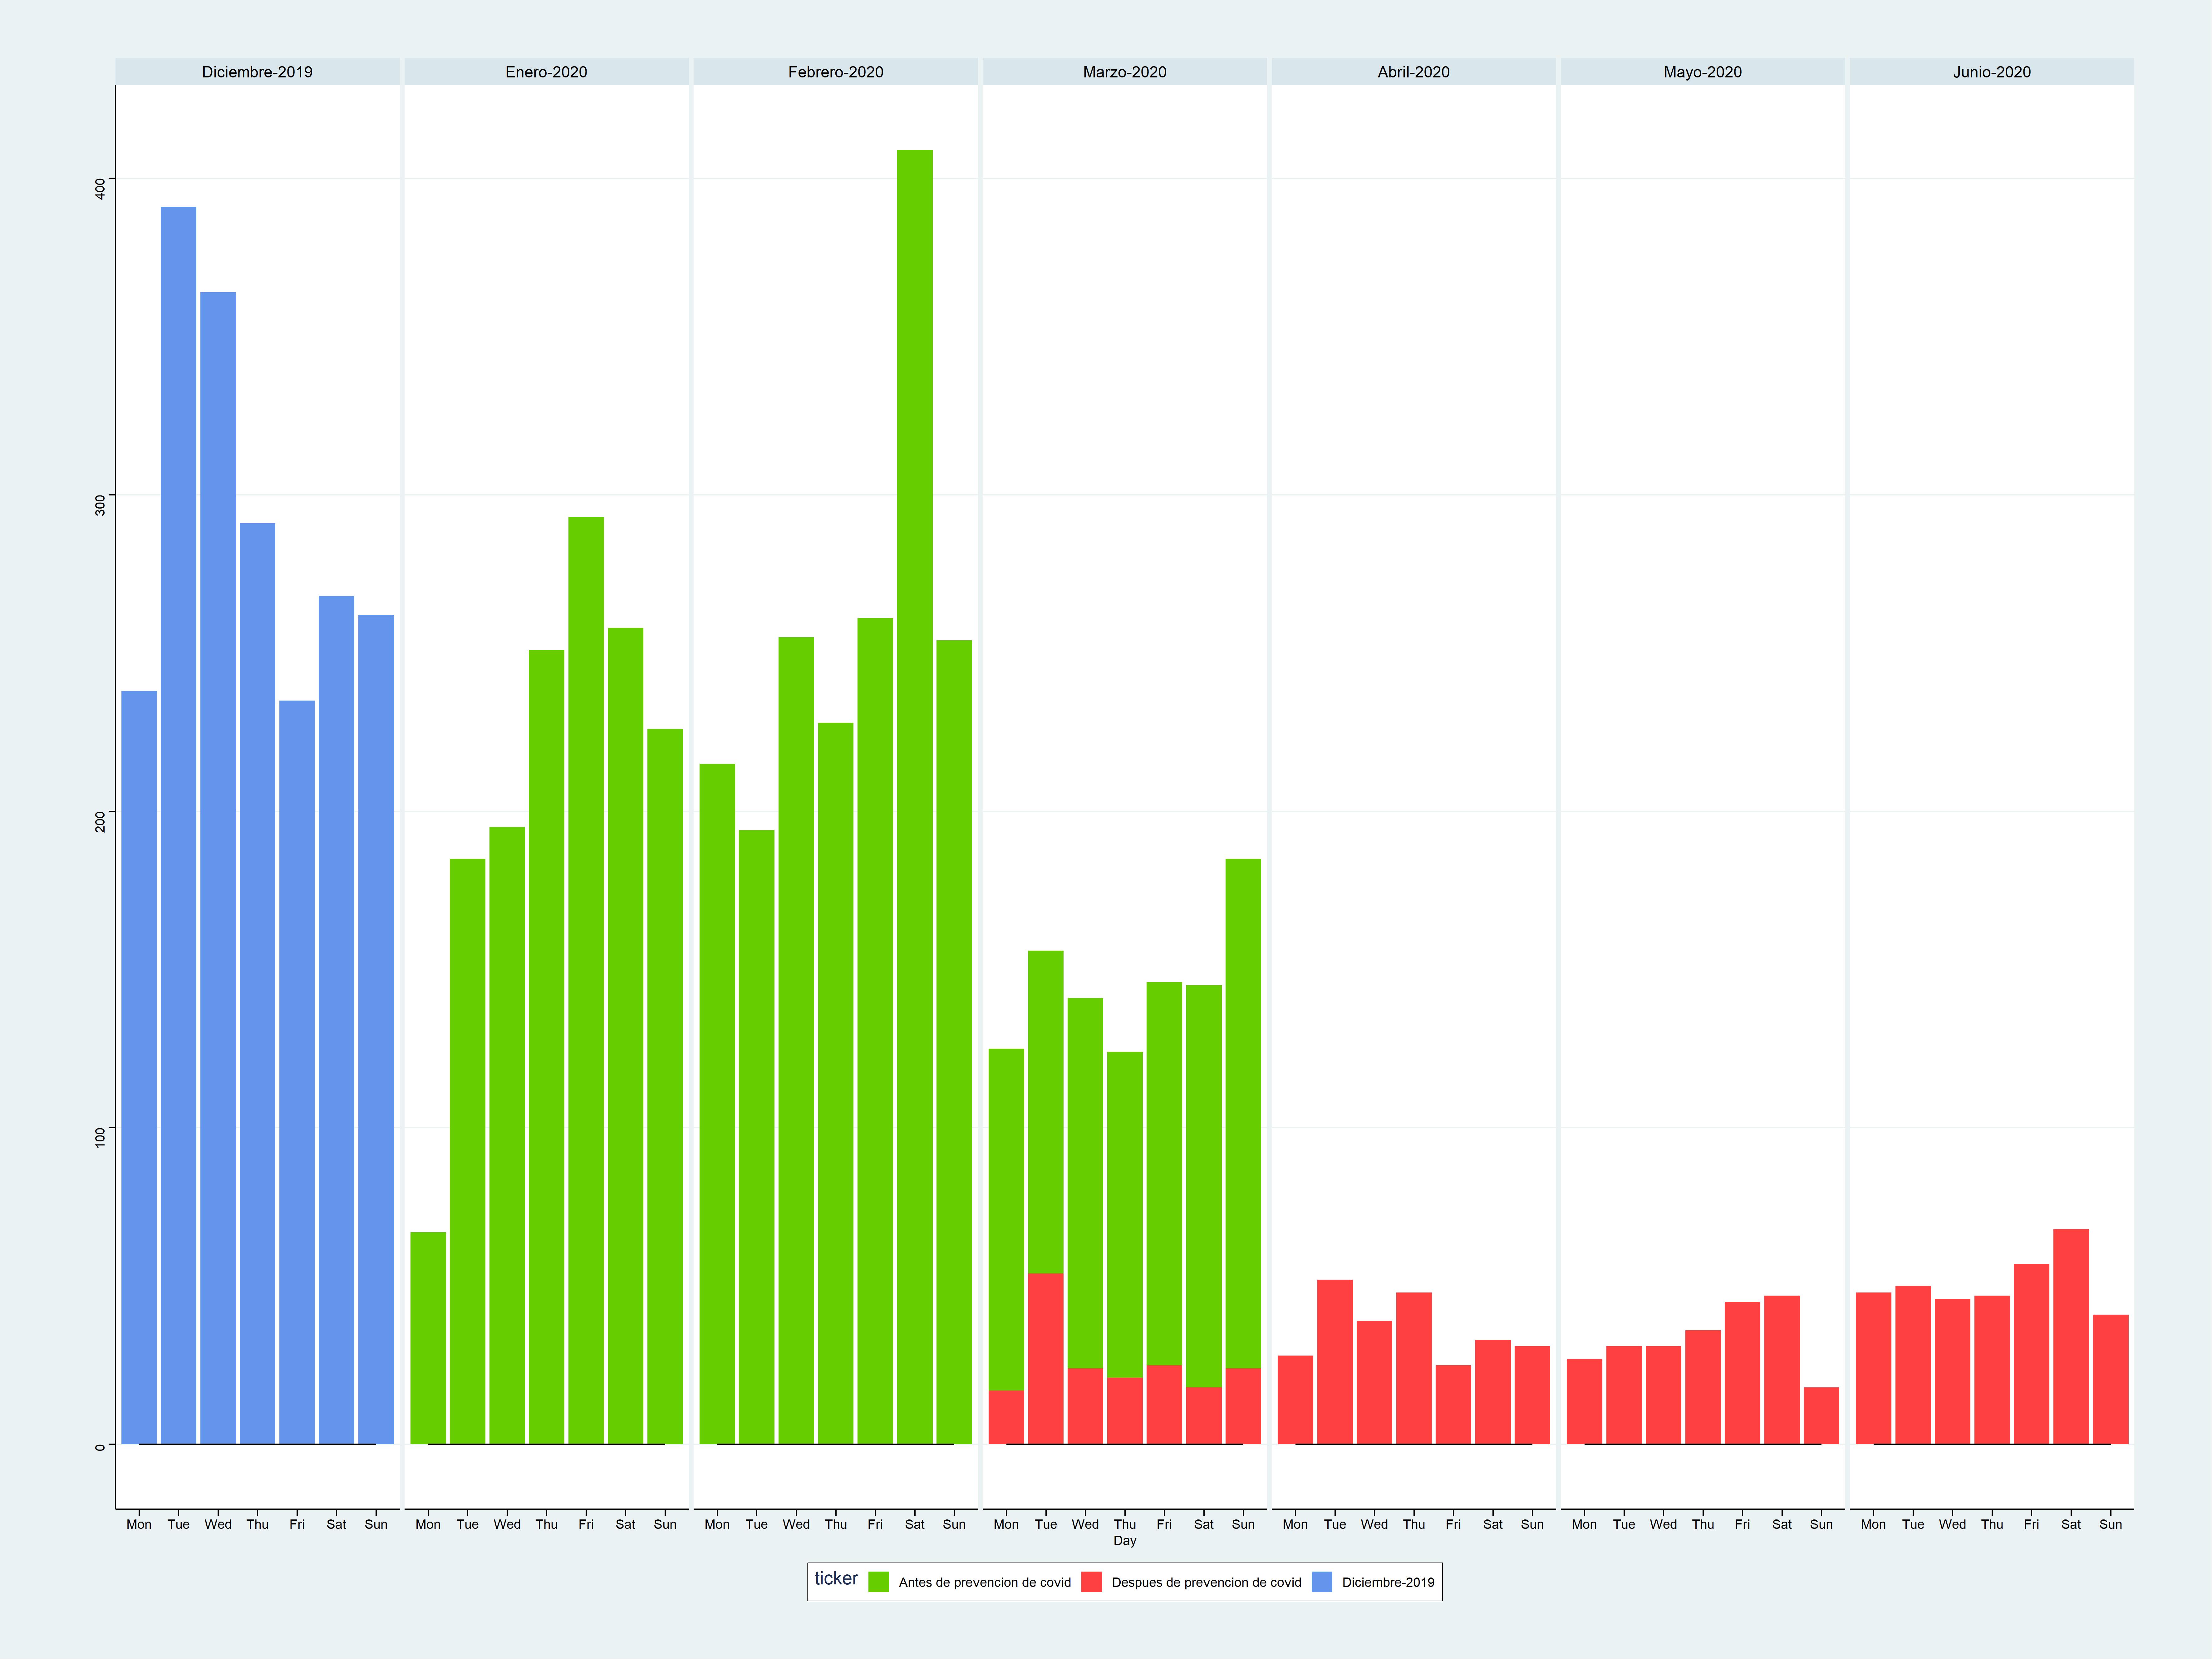 Esta gráfica ordena los días de la semana por mes, cada color es una etapa diferente: diciembre-2019 (azul) , antes de prevención covid (verde) y una vez iniciada la etapa de prevención covid (rojo).